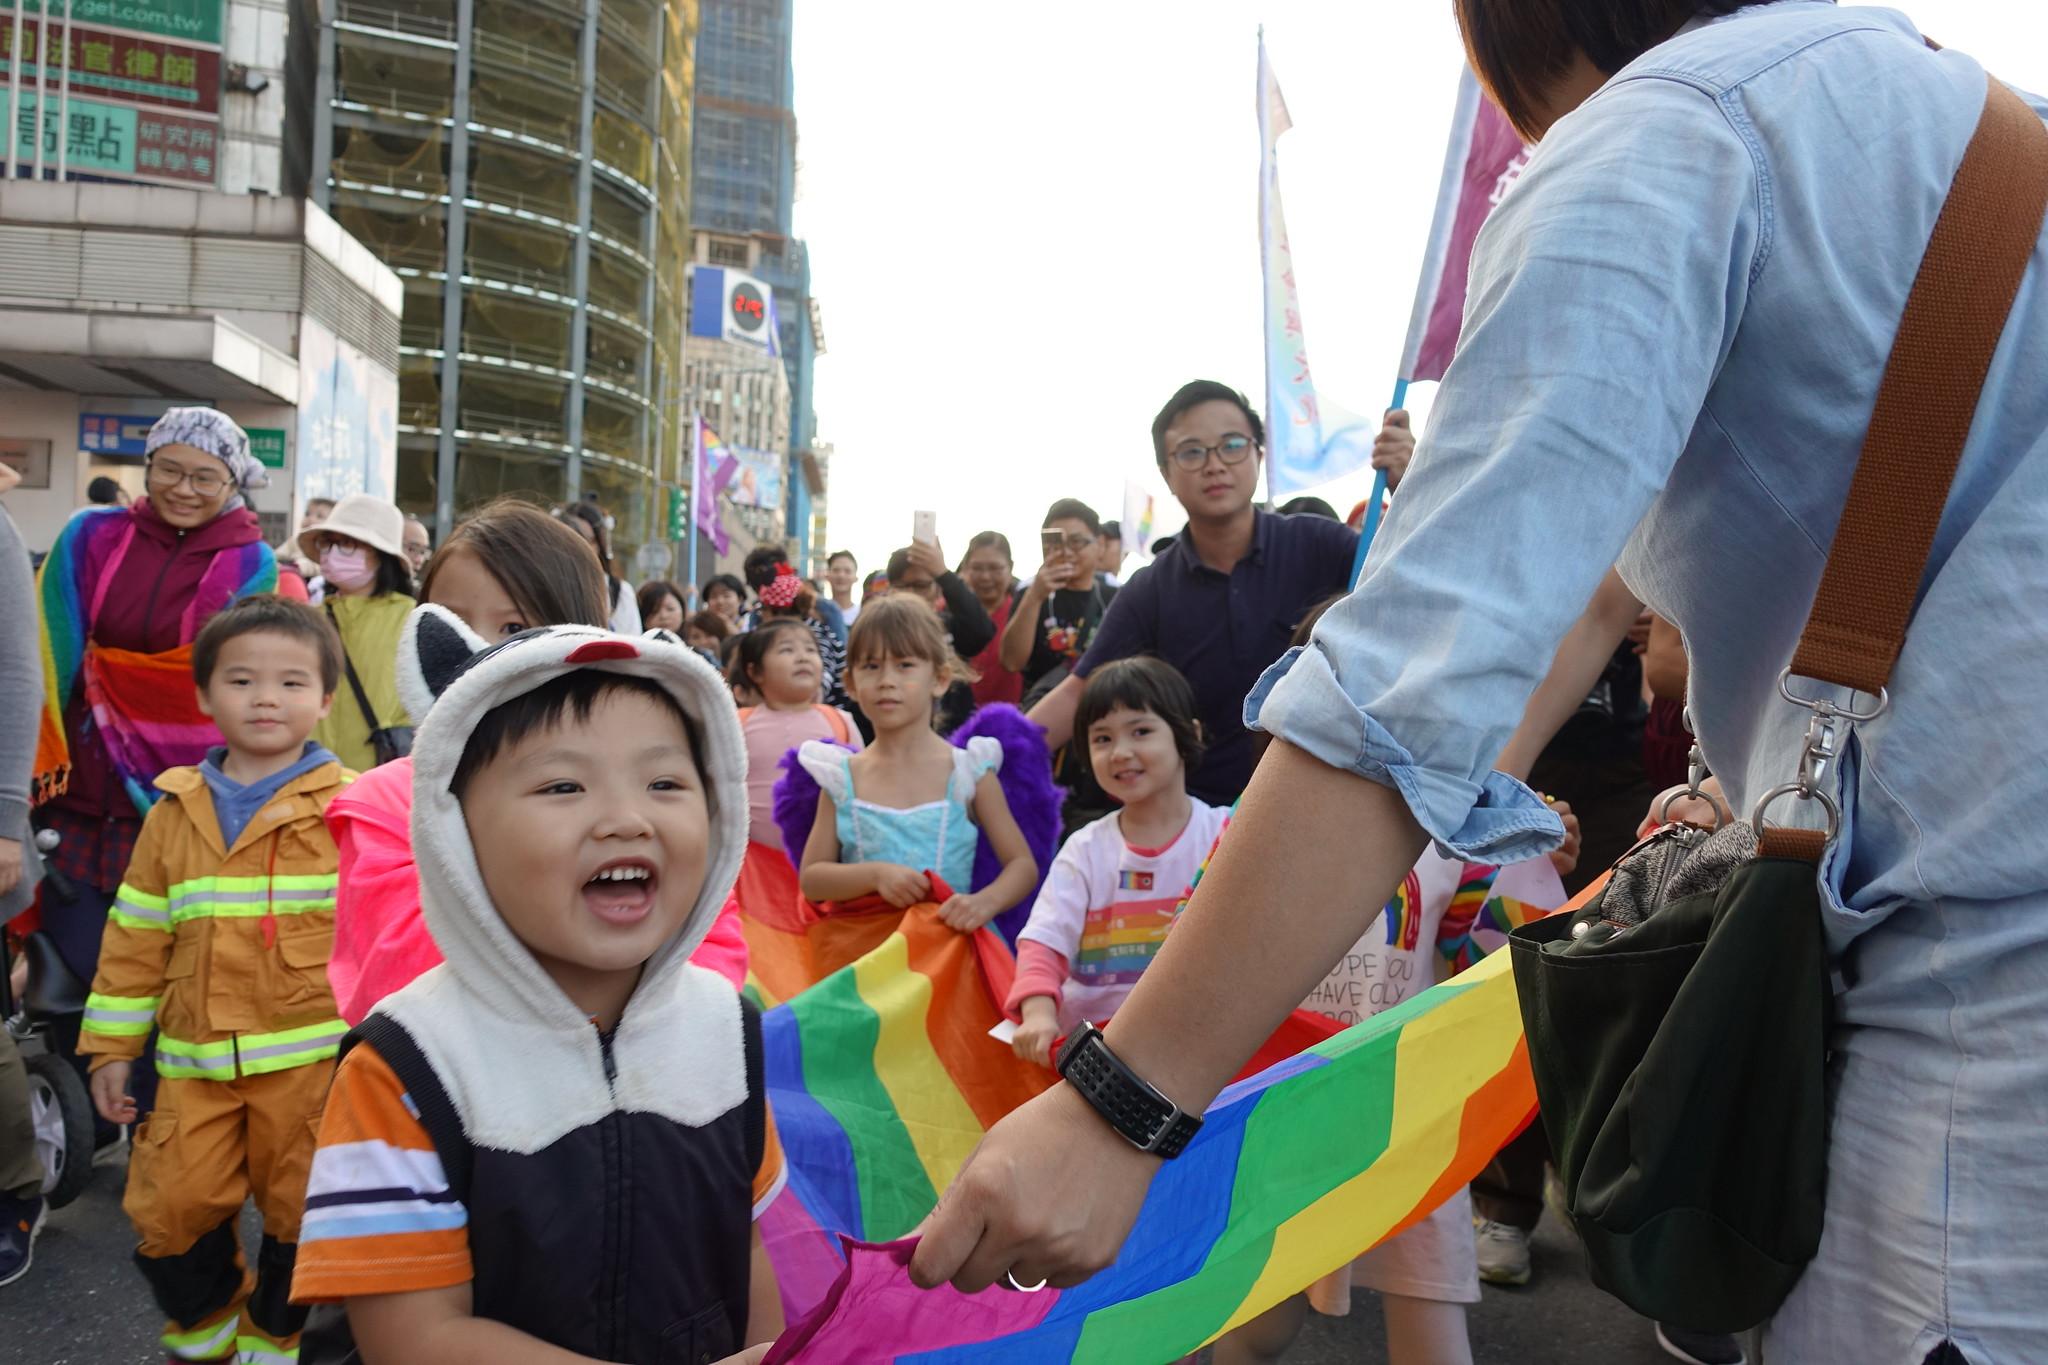 一群同志家長帶著他們的孩子一起遊行。(攝影:張智琦)